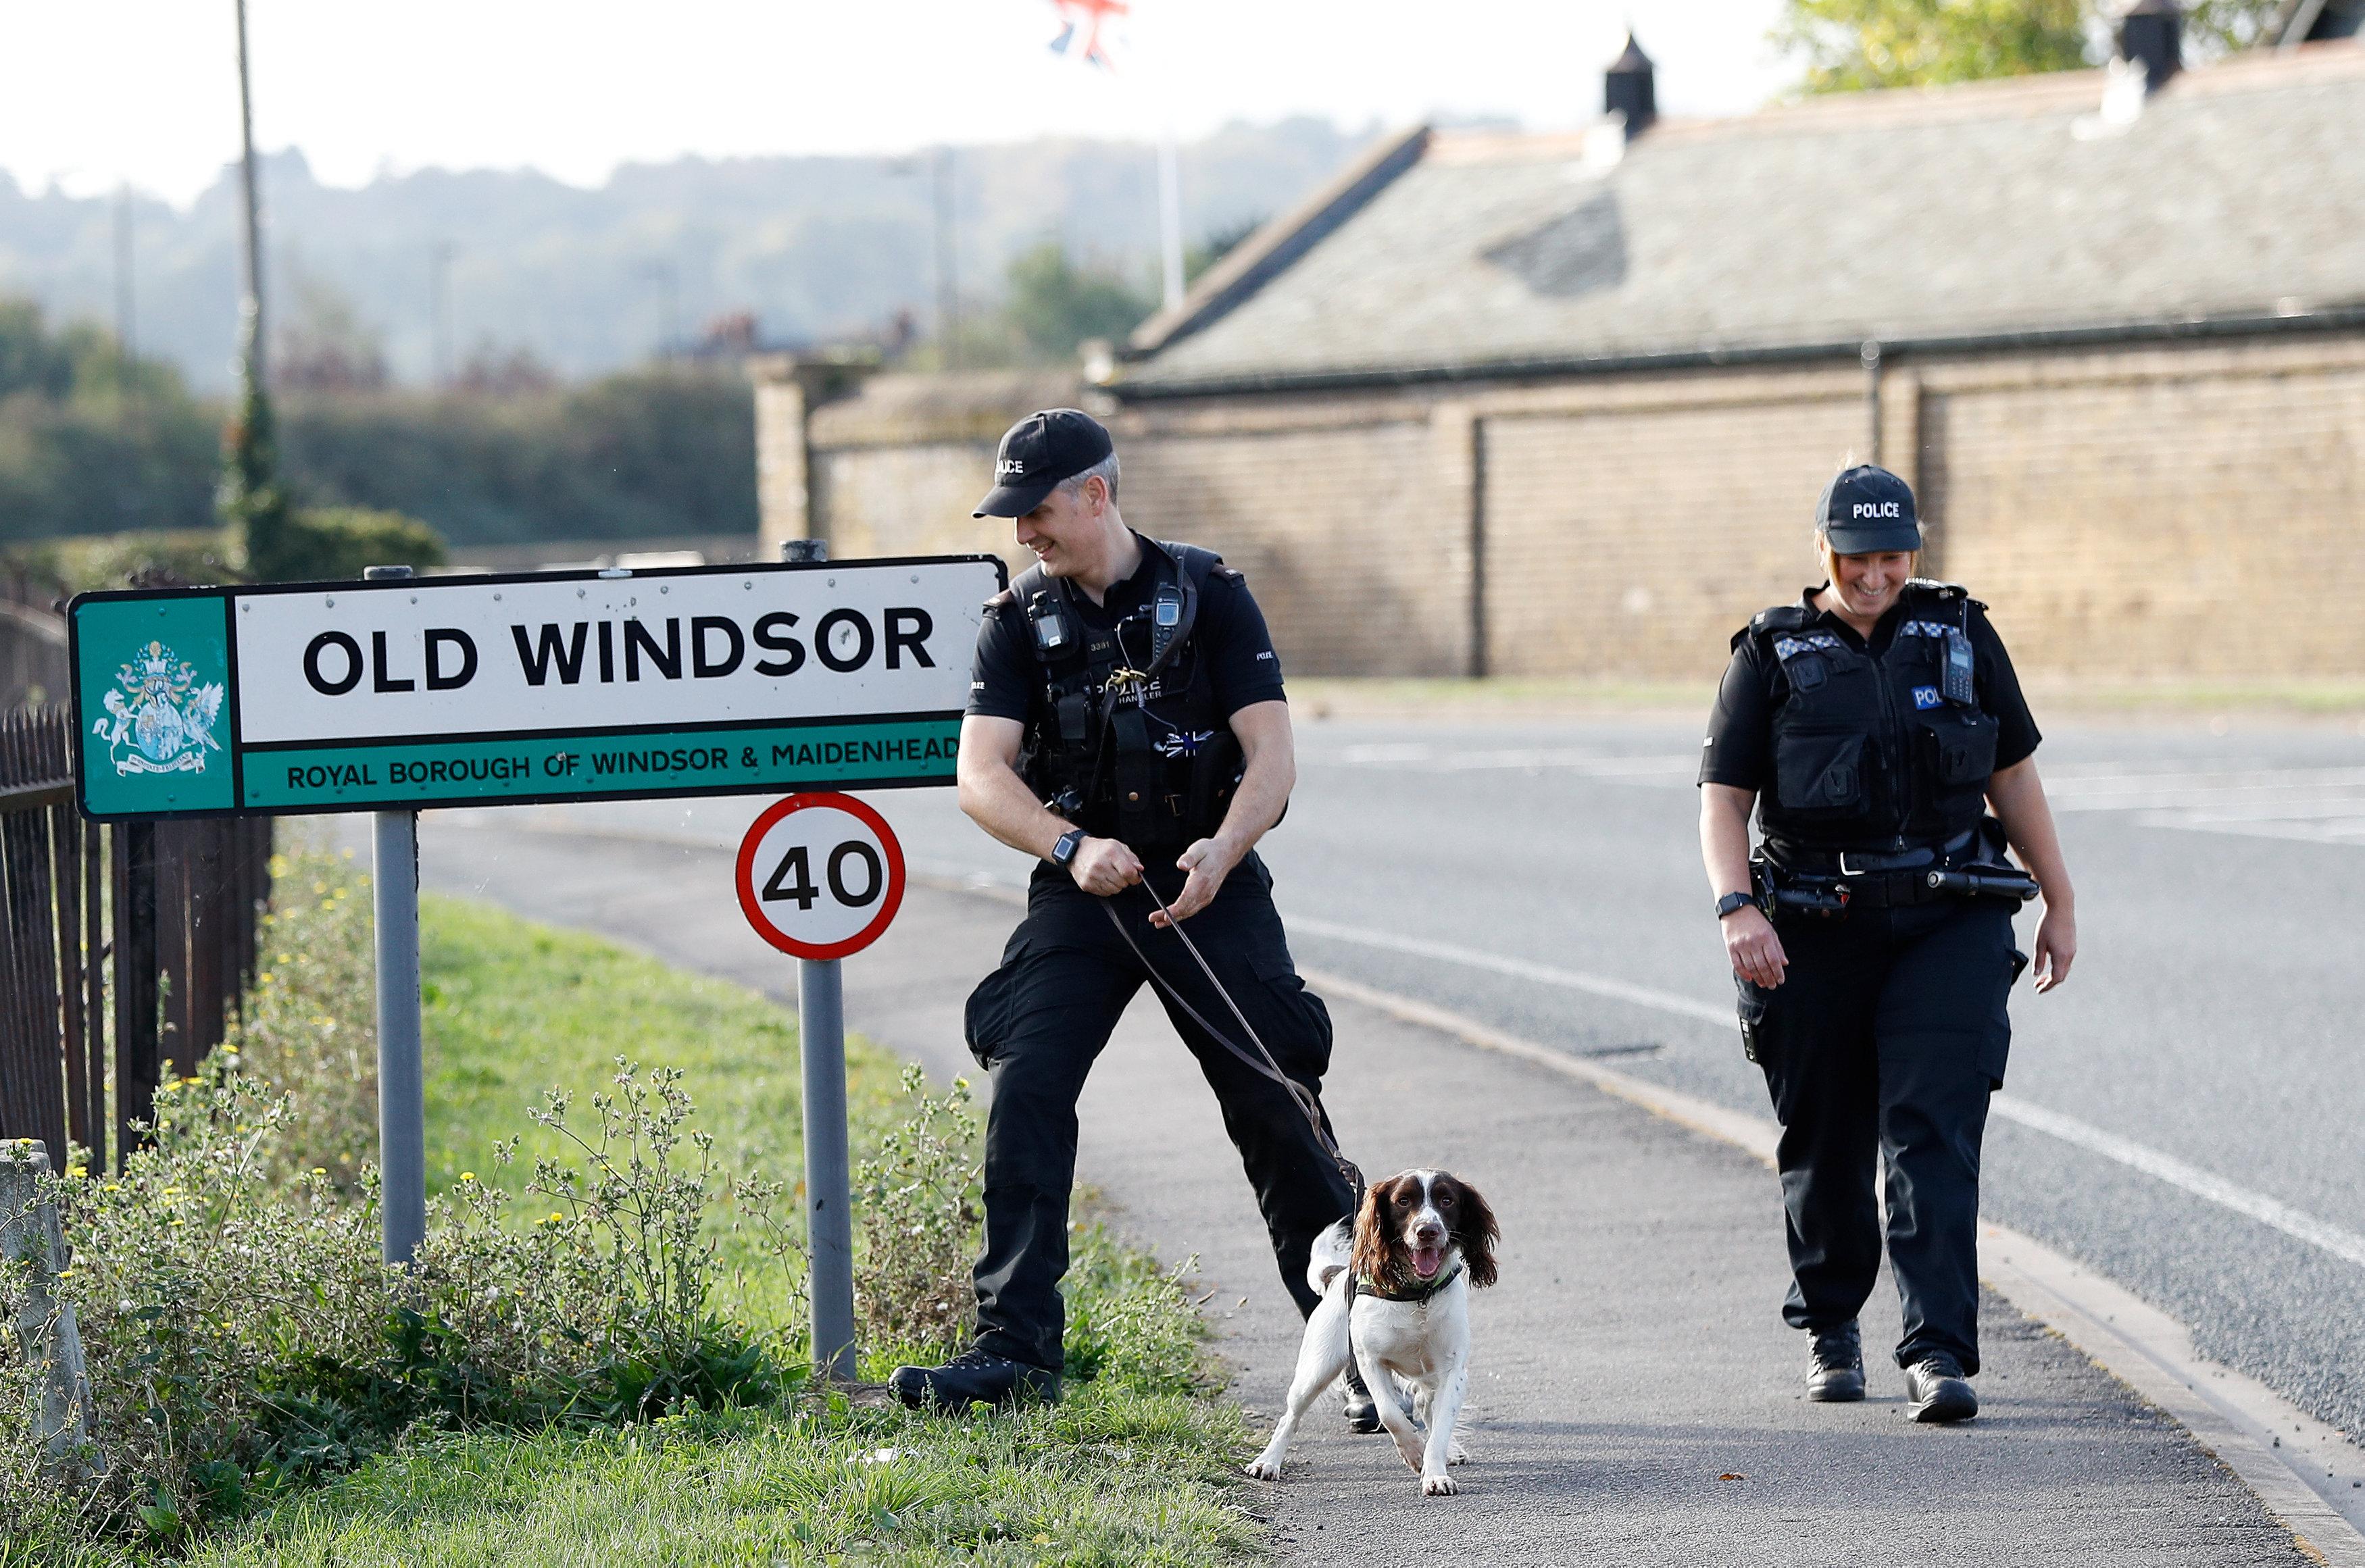 أفراد الشرطة البريطانية يتخذون إجراءات لتأمين المنطقة